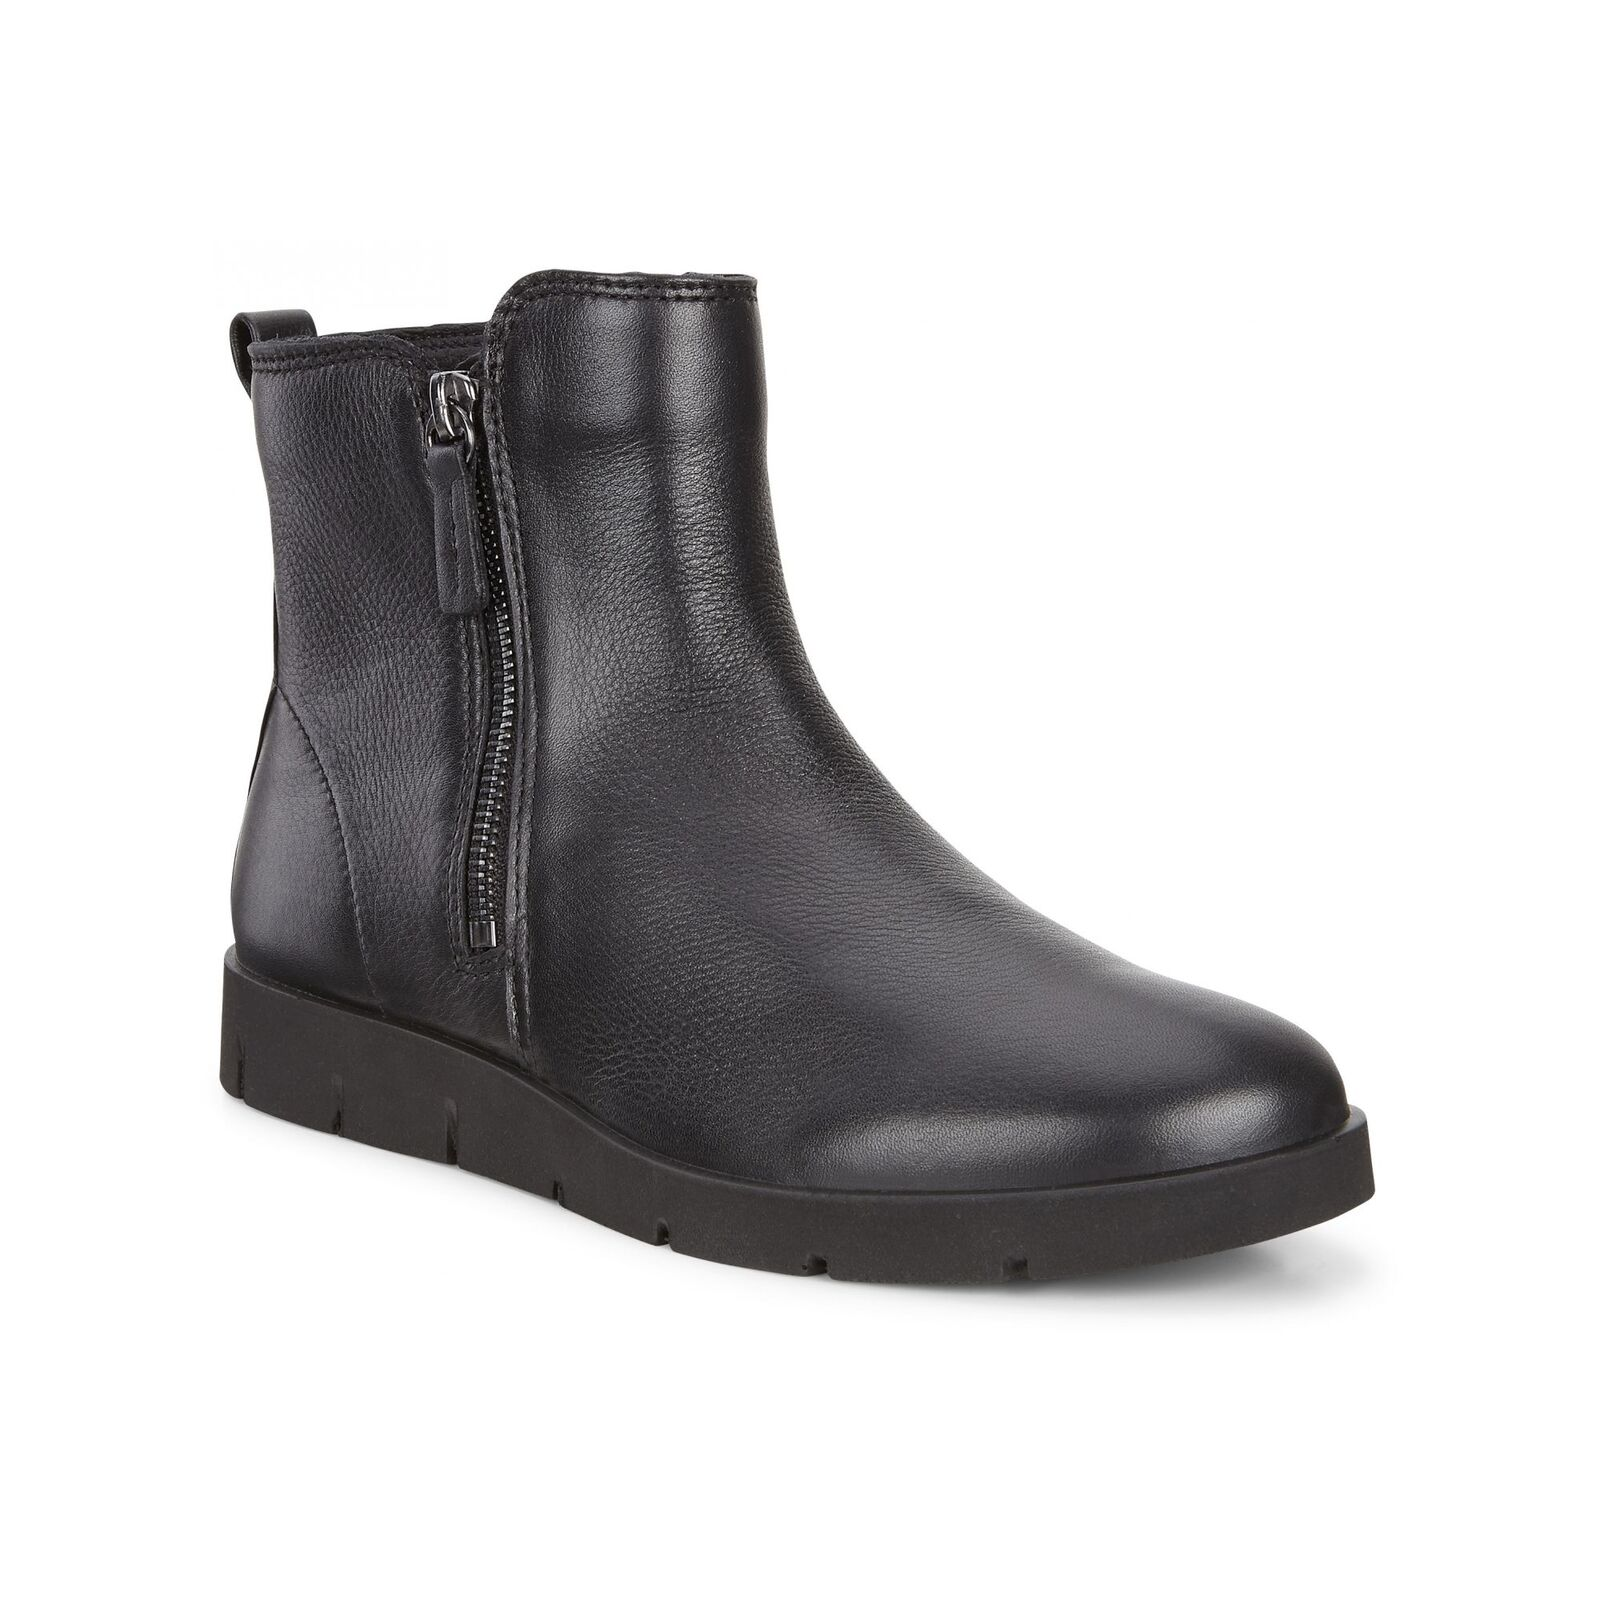 Ecco Bella Bota señoras para mujer de cuero cuero cuero botas al Tobillo Informales cómoda con cremallera negra  descuento